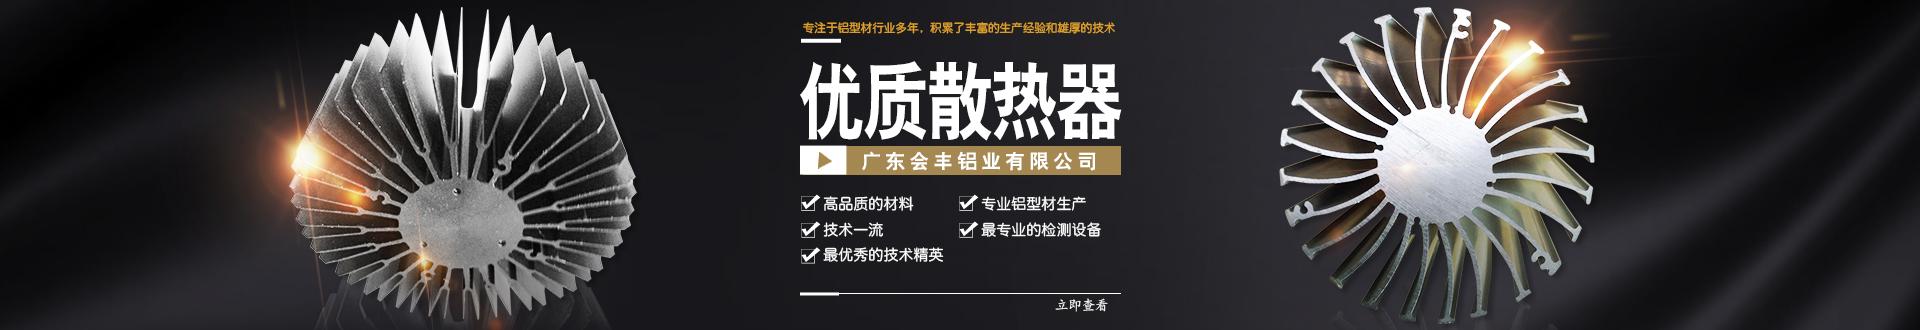 广东会丰铝业有限公司